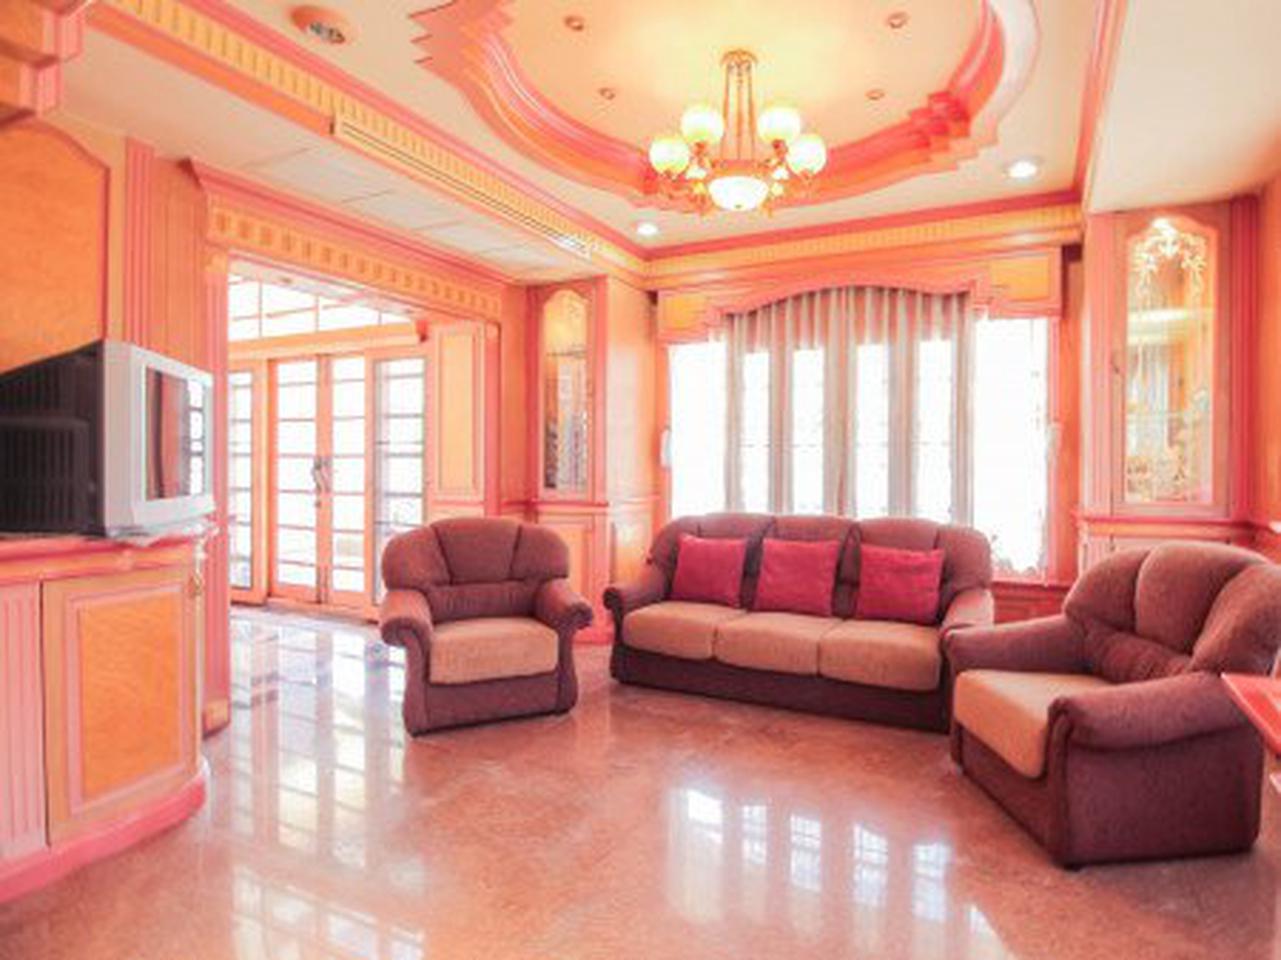 ขาย บ้านเดี่ยว นันทวัน คู้บอน  346 ตร.วา นันทวัน คู้บอน รูปที่ 1